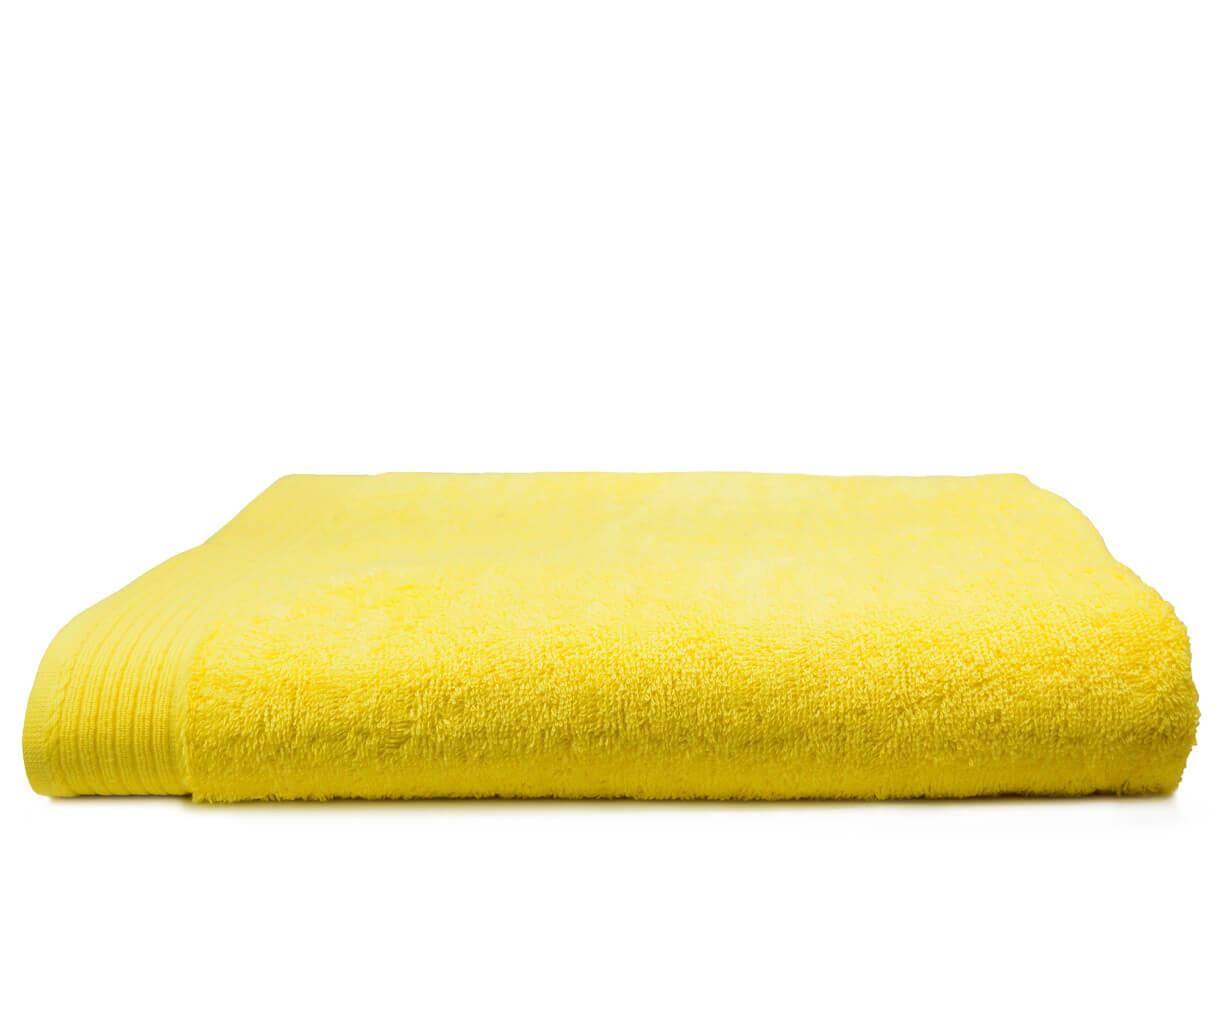 serviette de plage 400 g 180x100 cm rapide pas cher. Black Bedroom Furniture Sets. Home Design Ideas